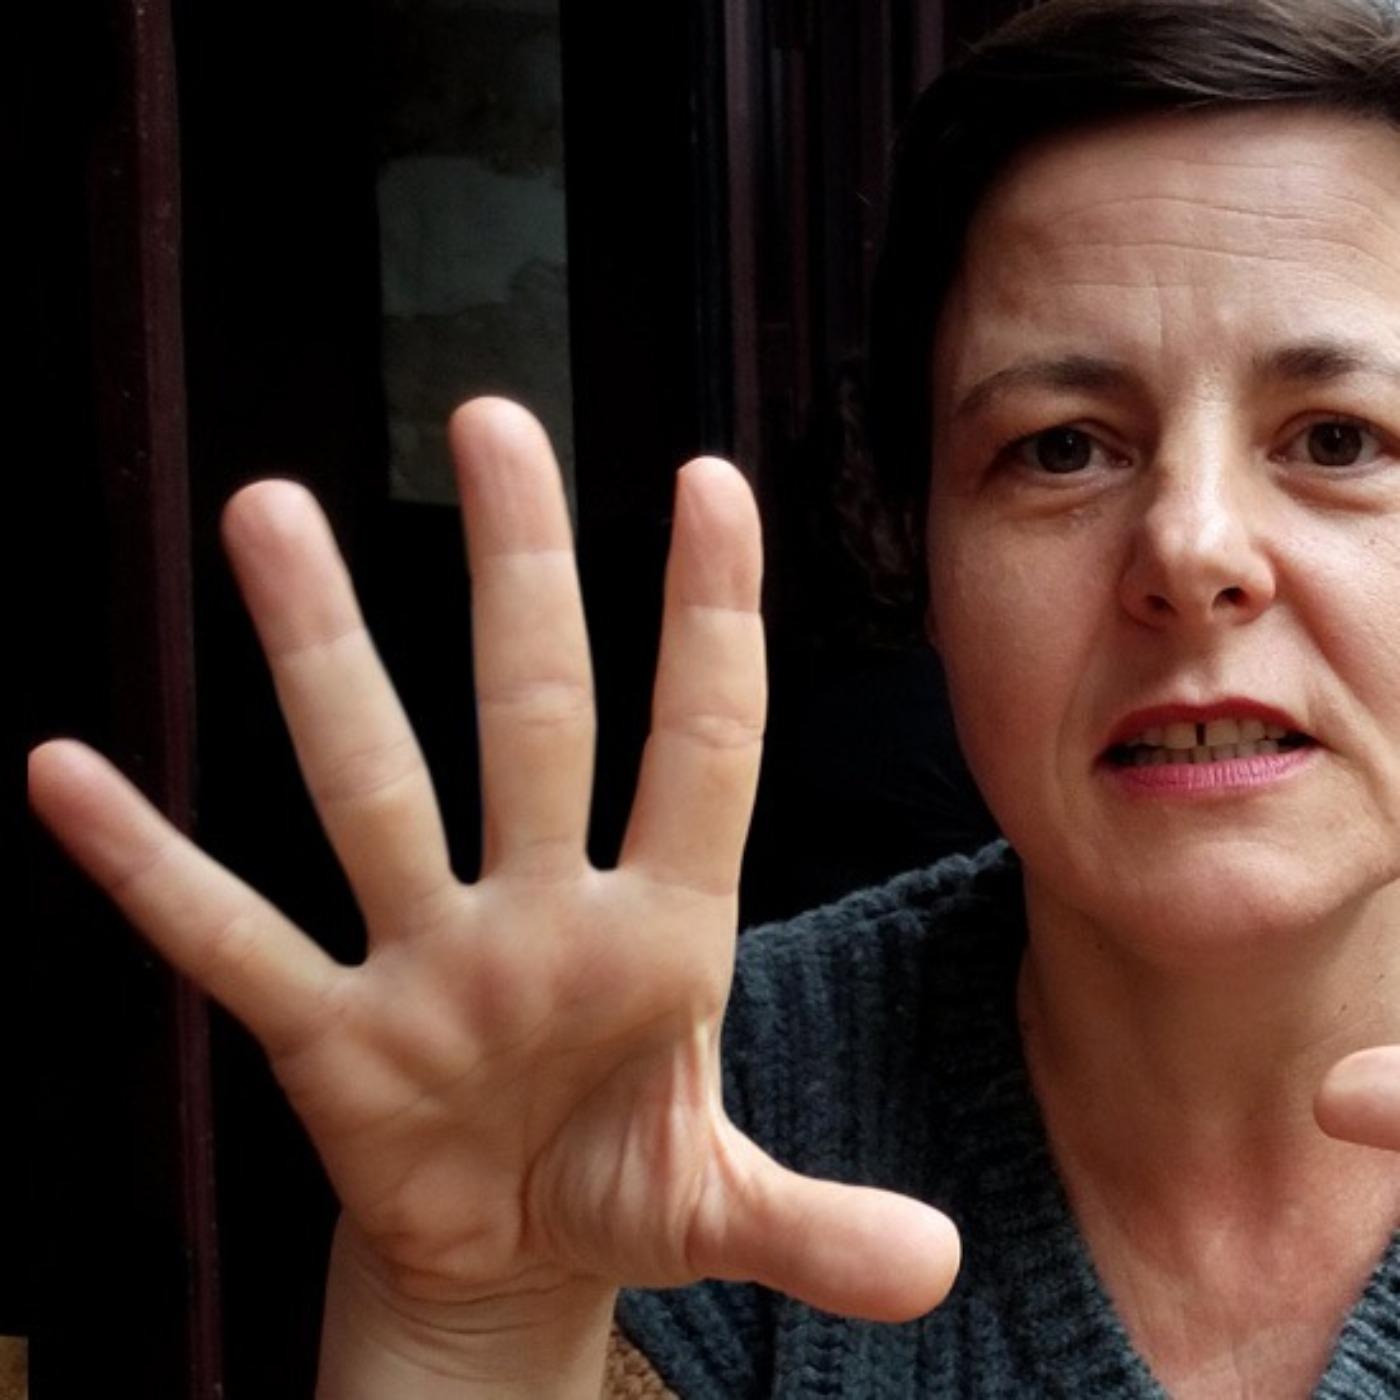 #62 - JOURNALISTE - Geneviève PETIT : mener des combats en liberté